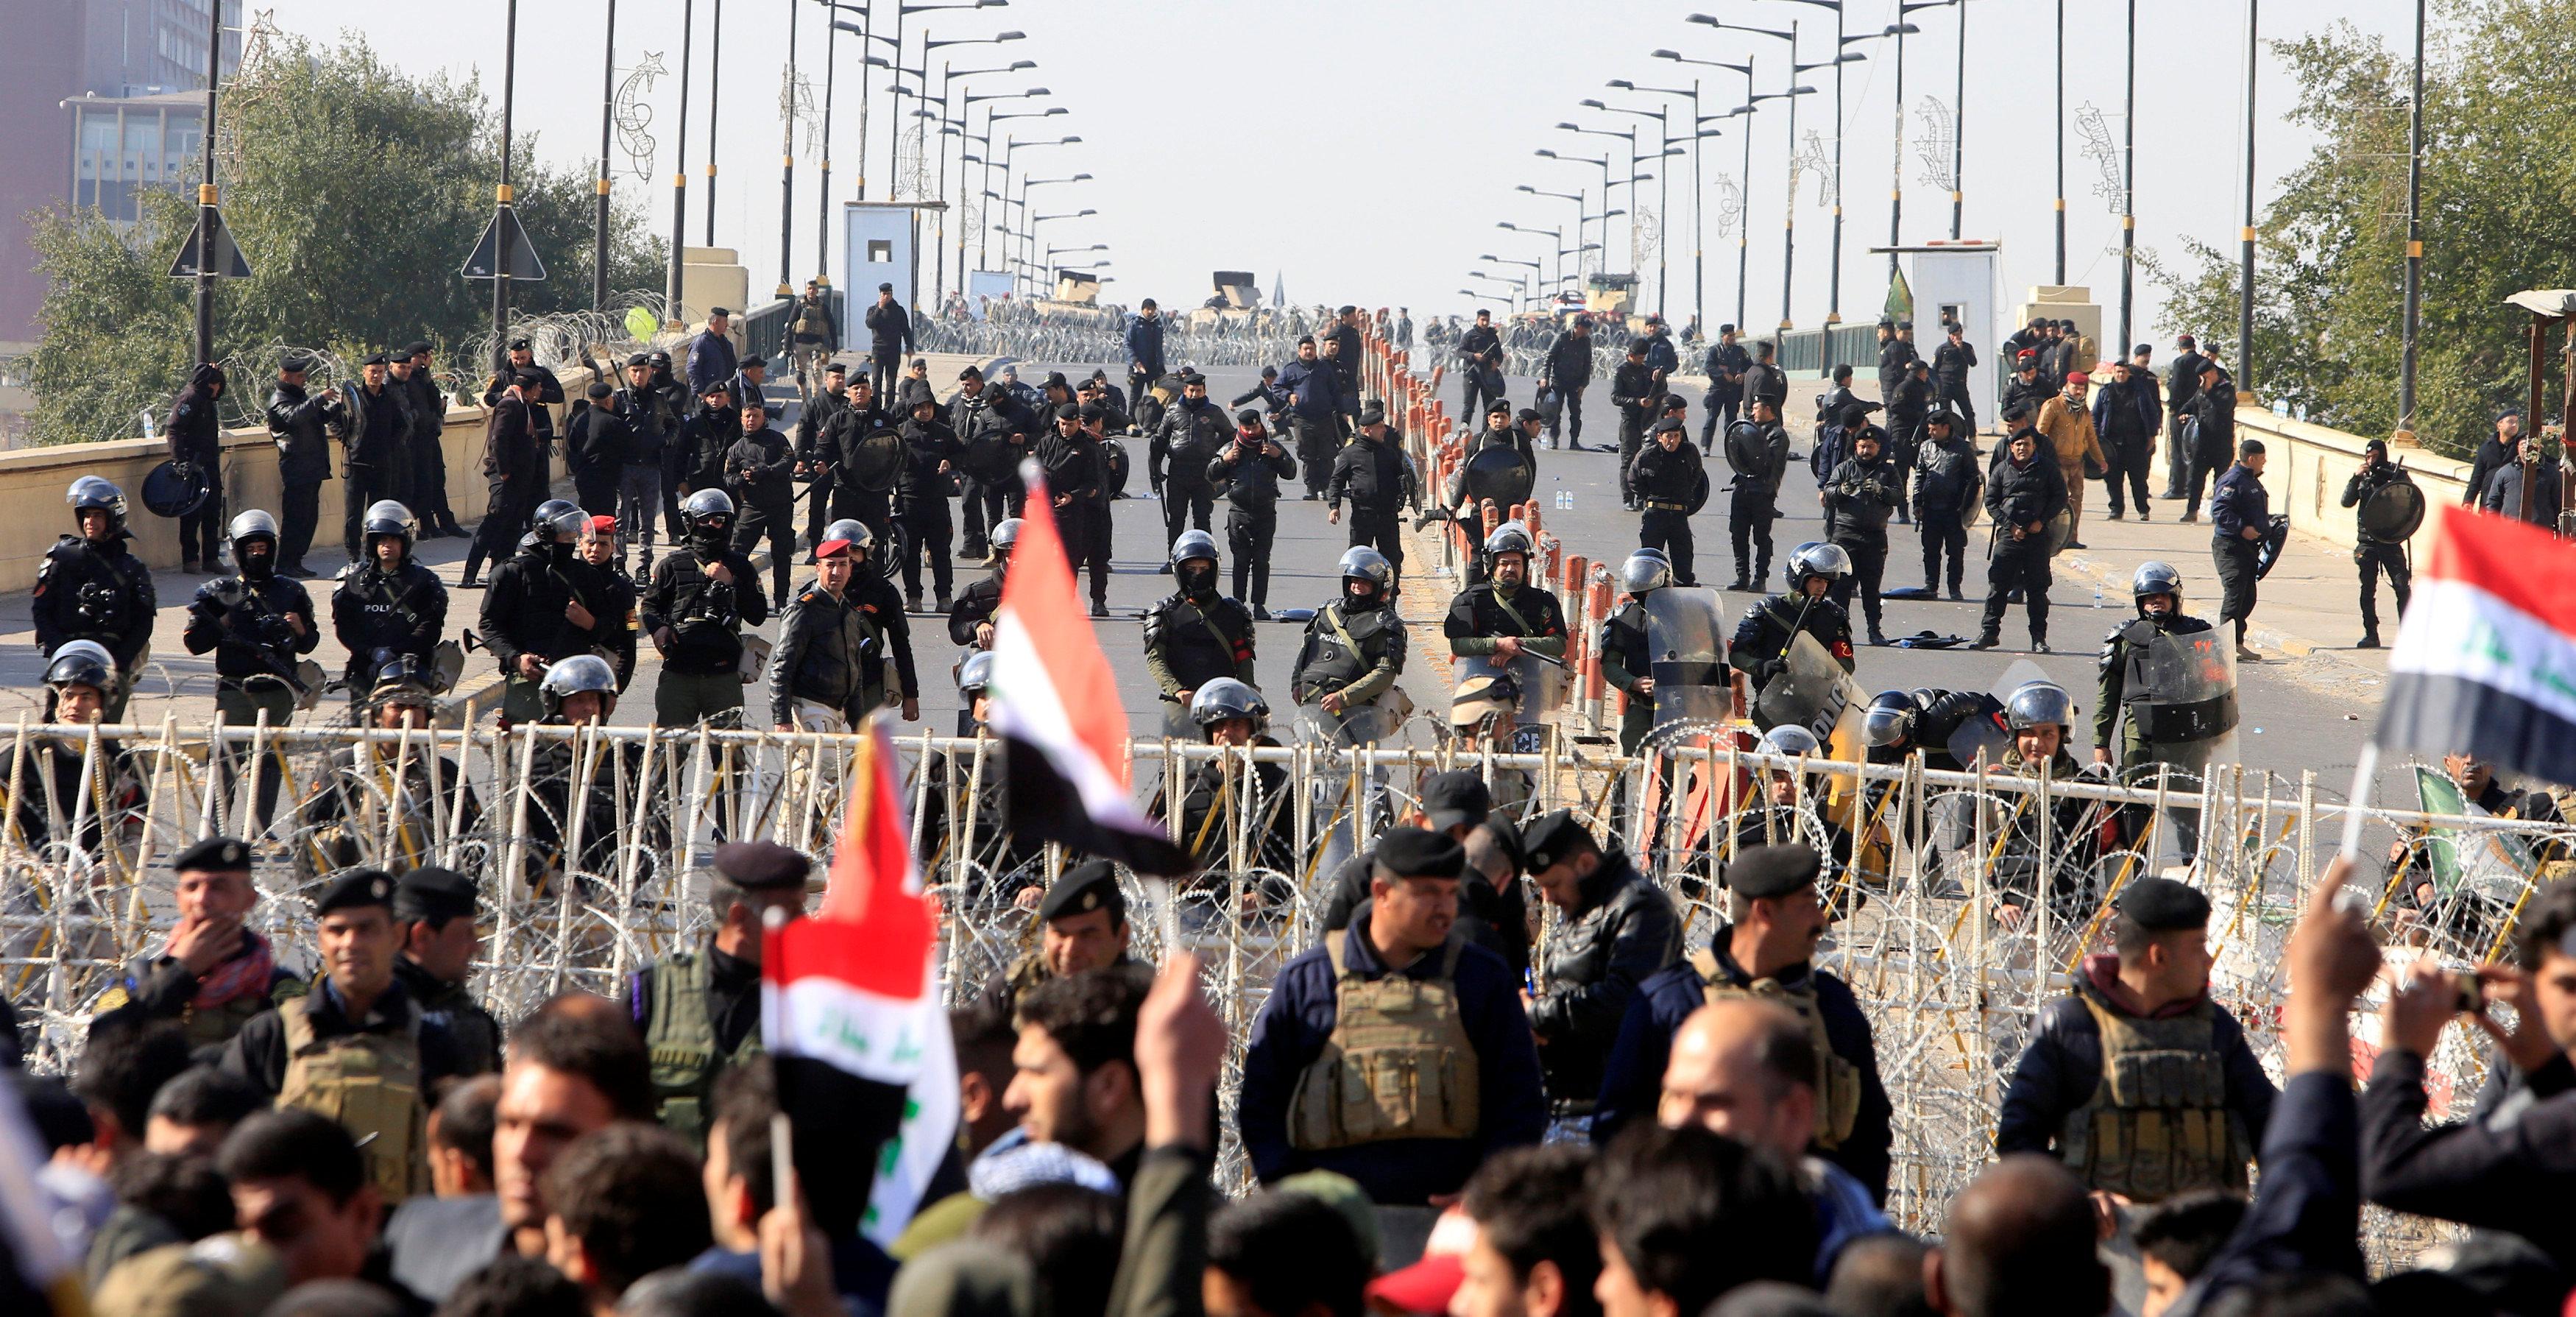 1622196-الشرطة-العراقية-تواجه-مظاهرات-أنصار-مقتدى-الصدر